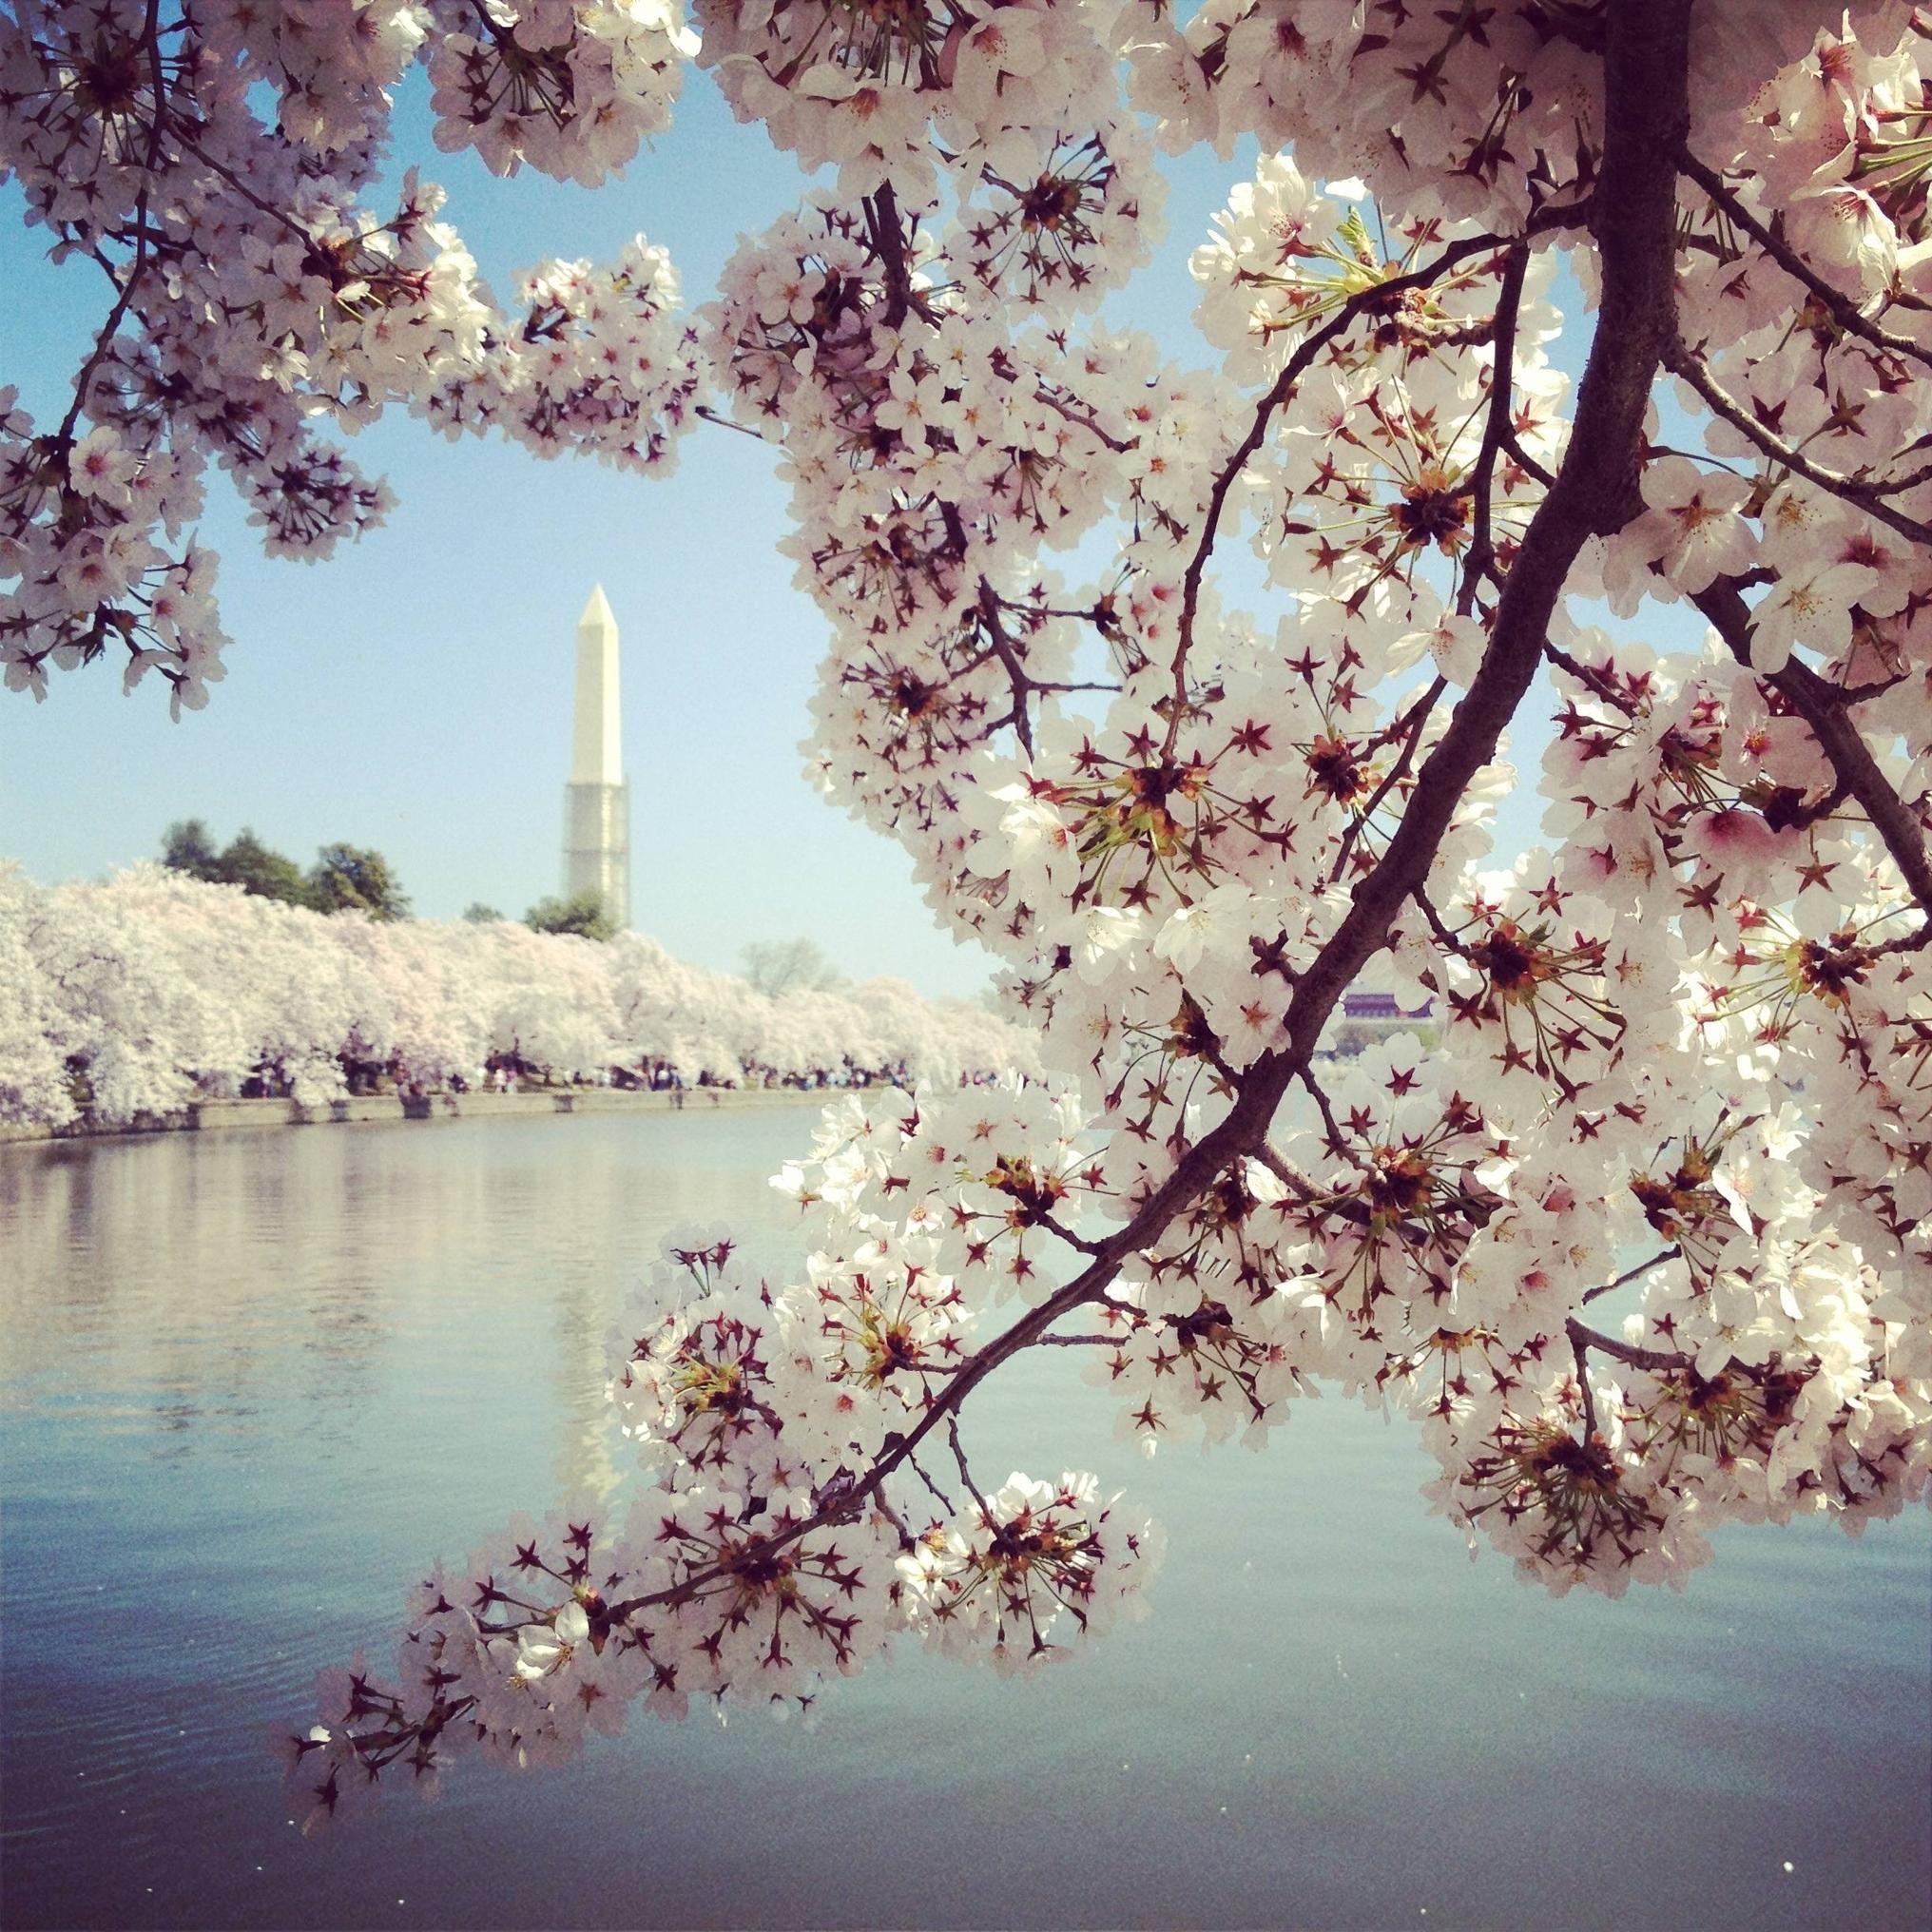 Dc Cherry Blossoms Cherry Blossom Blossom Trees Blossom